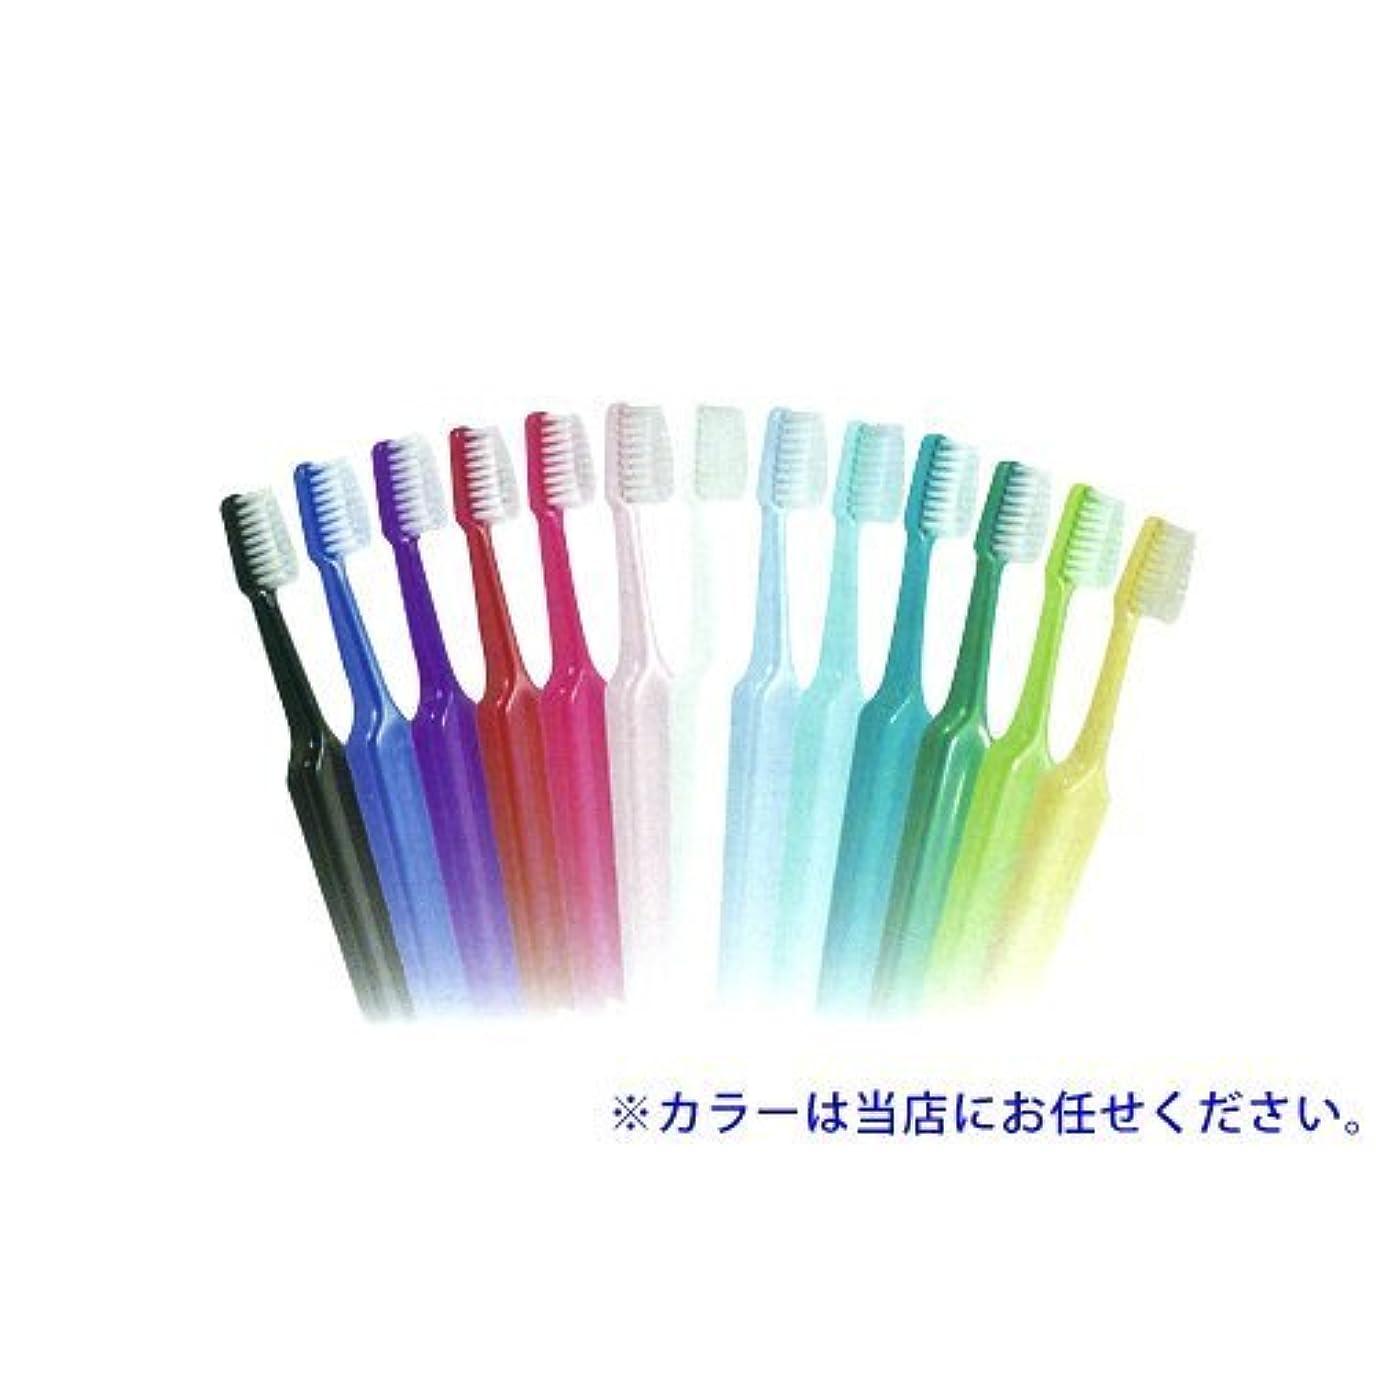 攻撃固執貪欲Tepe歯ブラシ セレクトミニ/ソフト 25本/箱